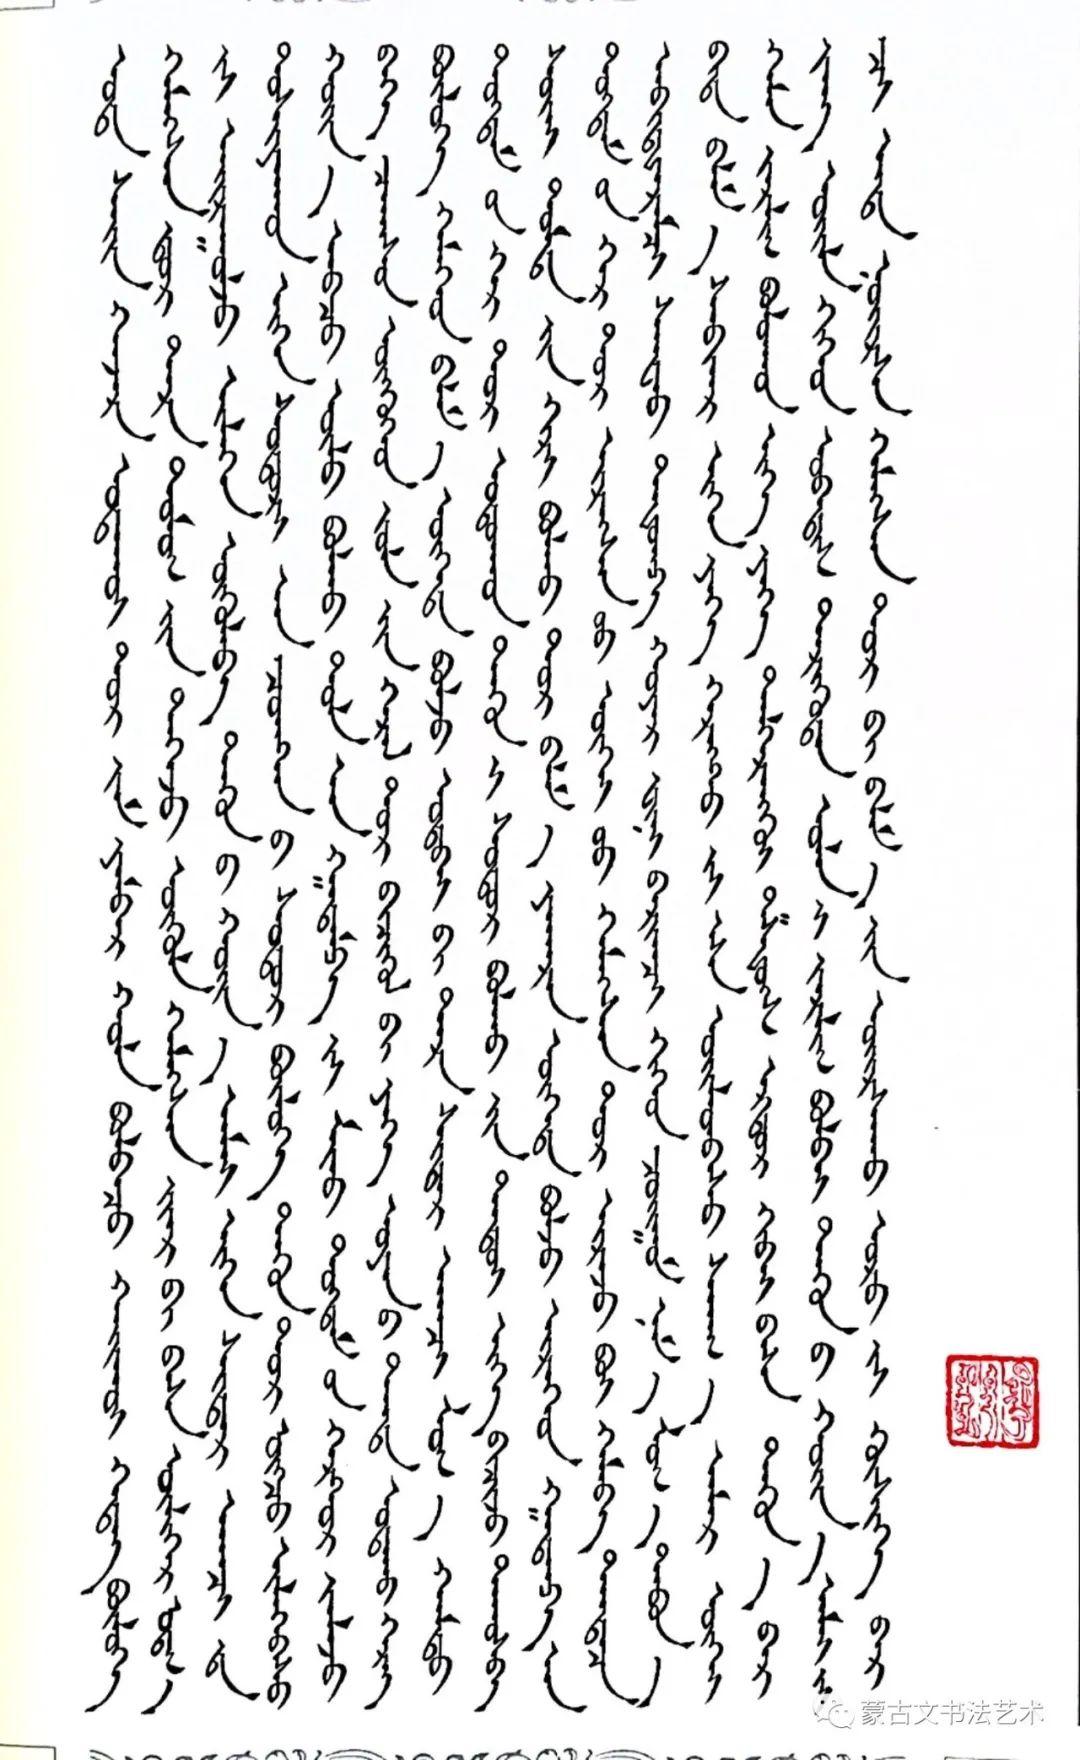 孟克德力格尔楷书著作《八思巴传》 第7张 孟克德力格尔楷书著作《八思巴传》 蒙古书法